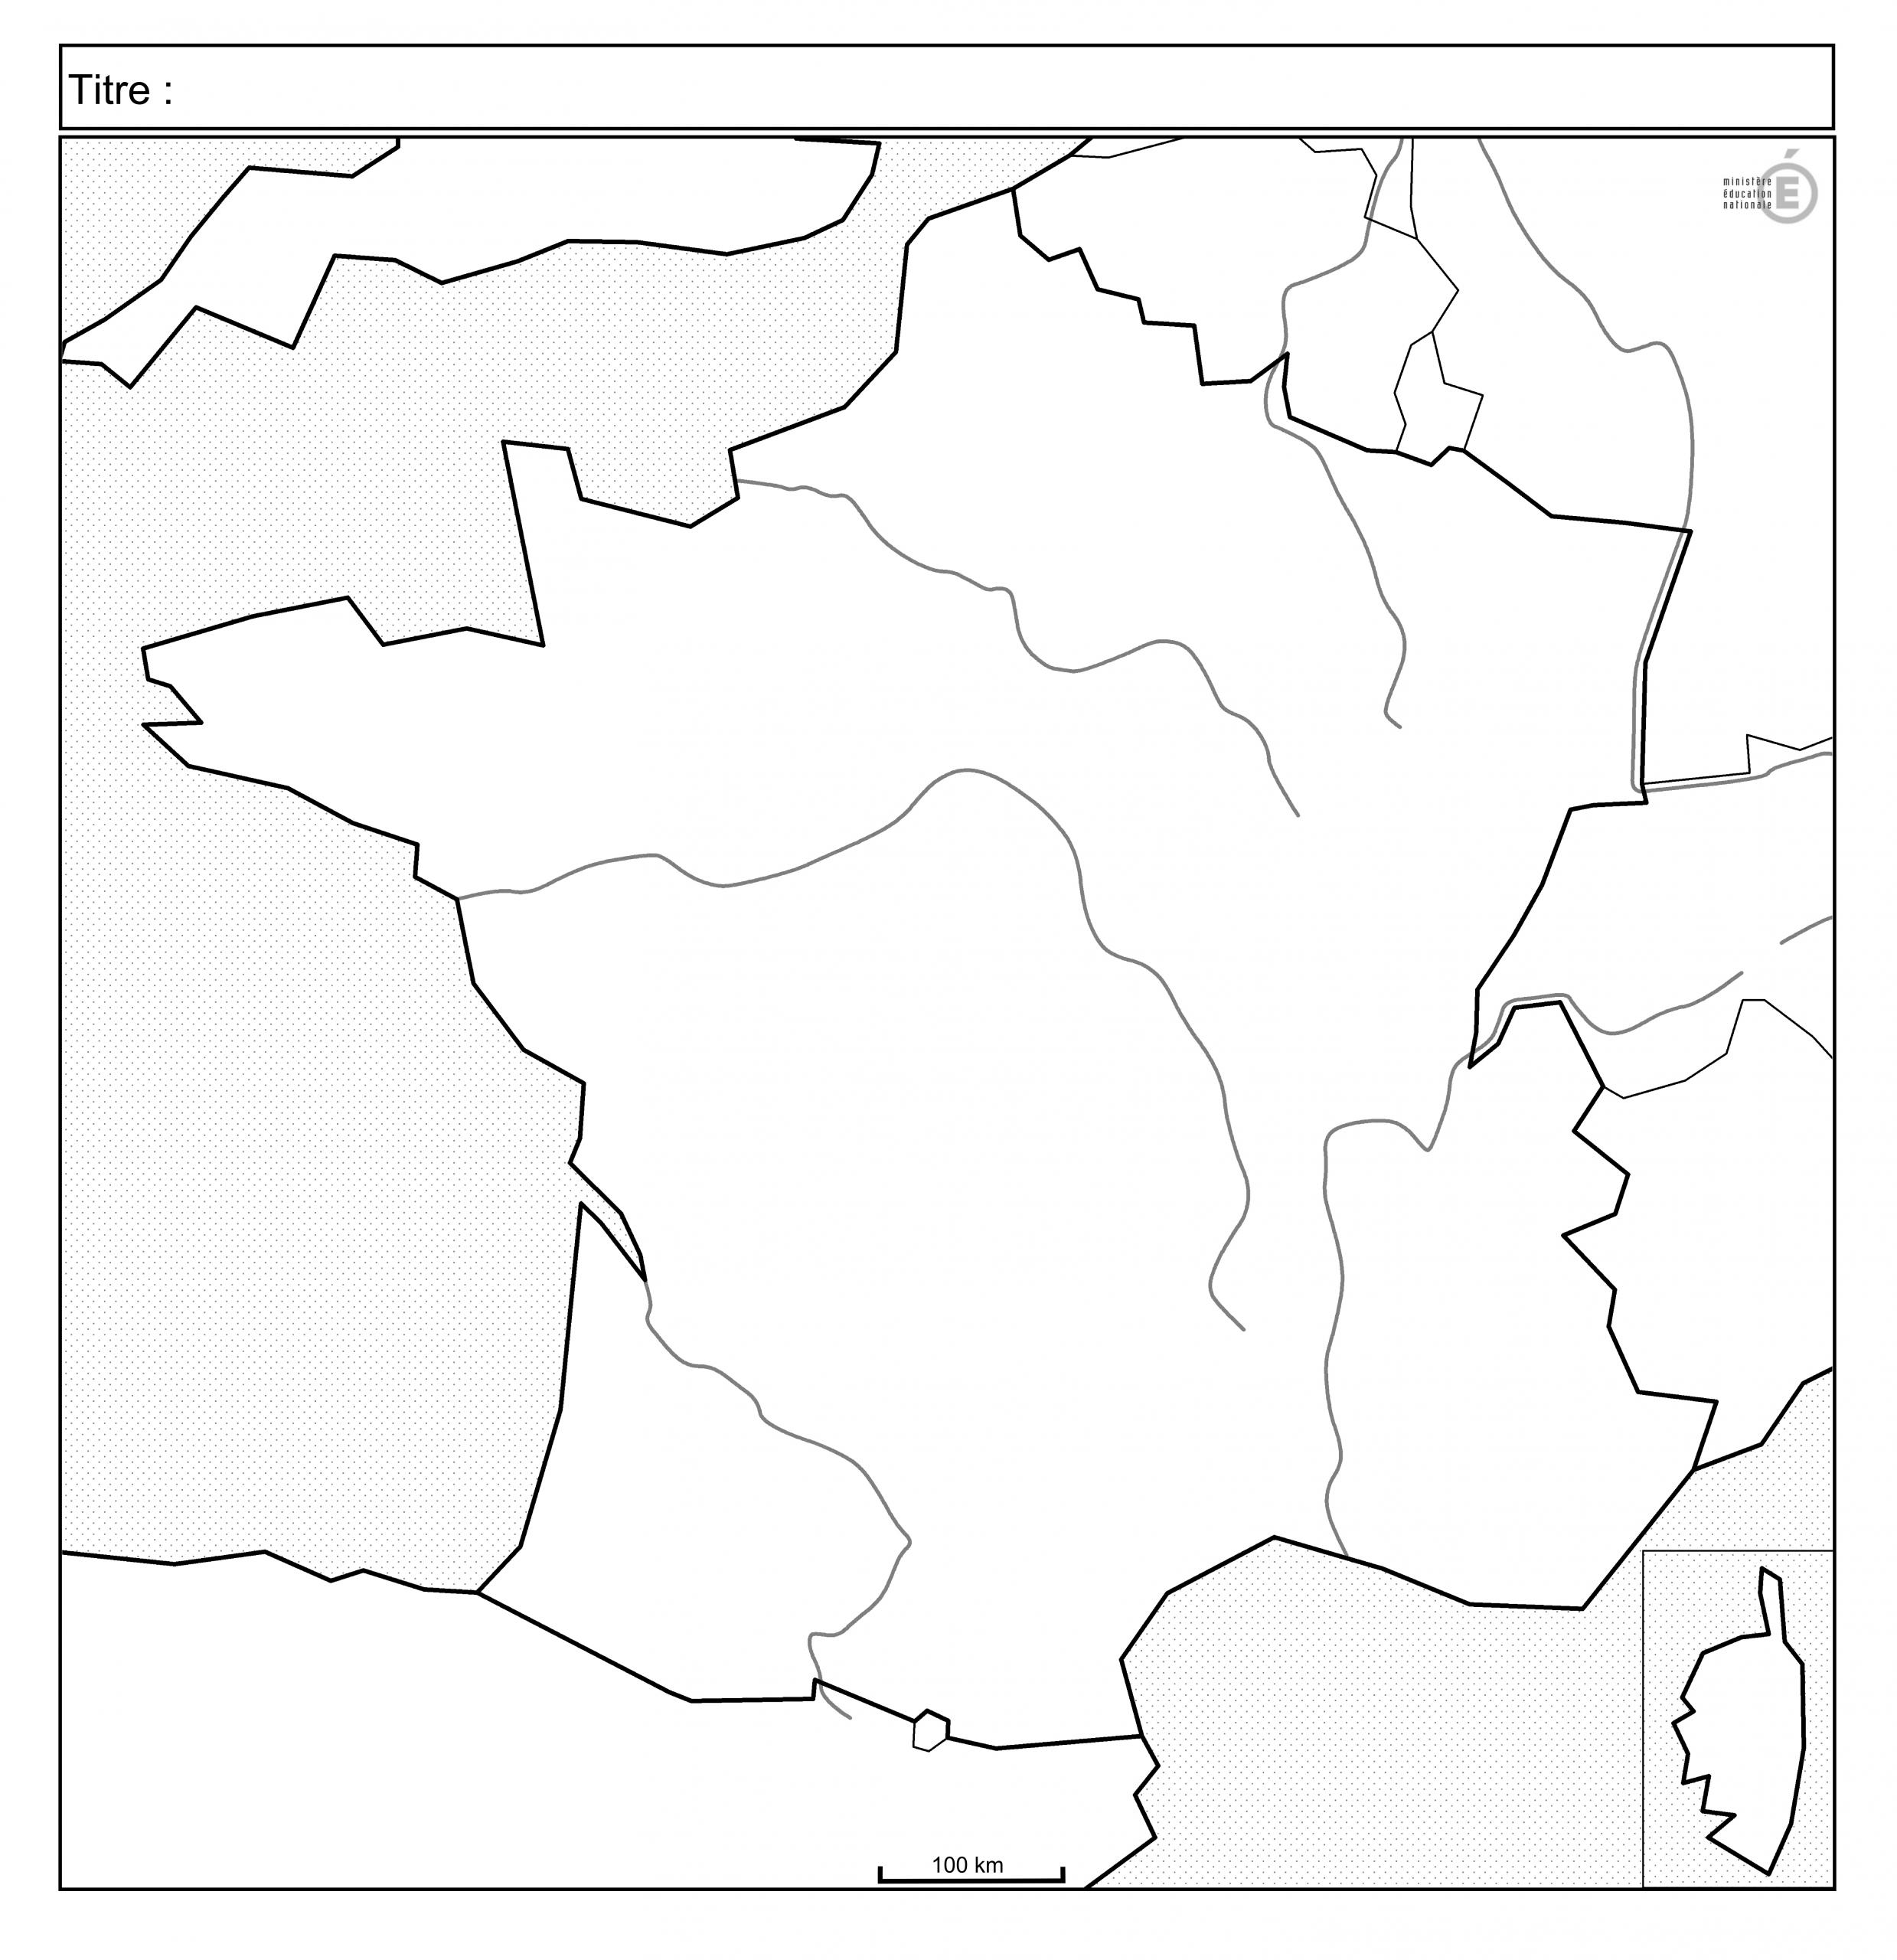 Fonds De Carte - Histoire-Géographie - Éduscol dedans Carte France Région Vierge